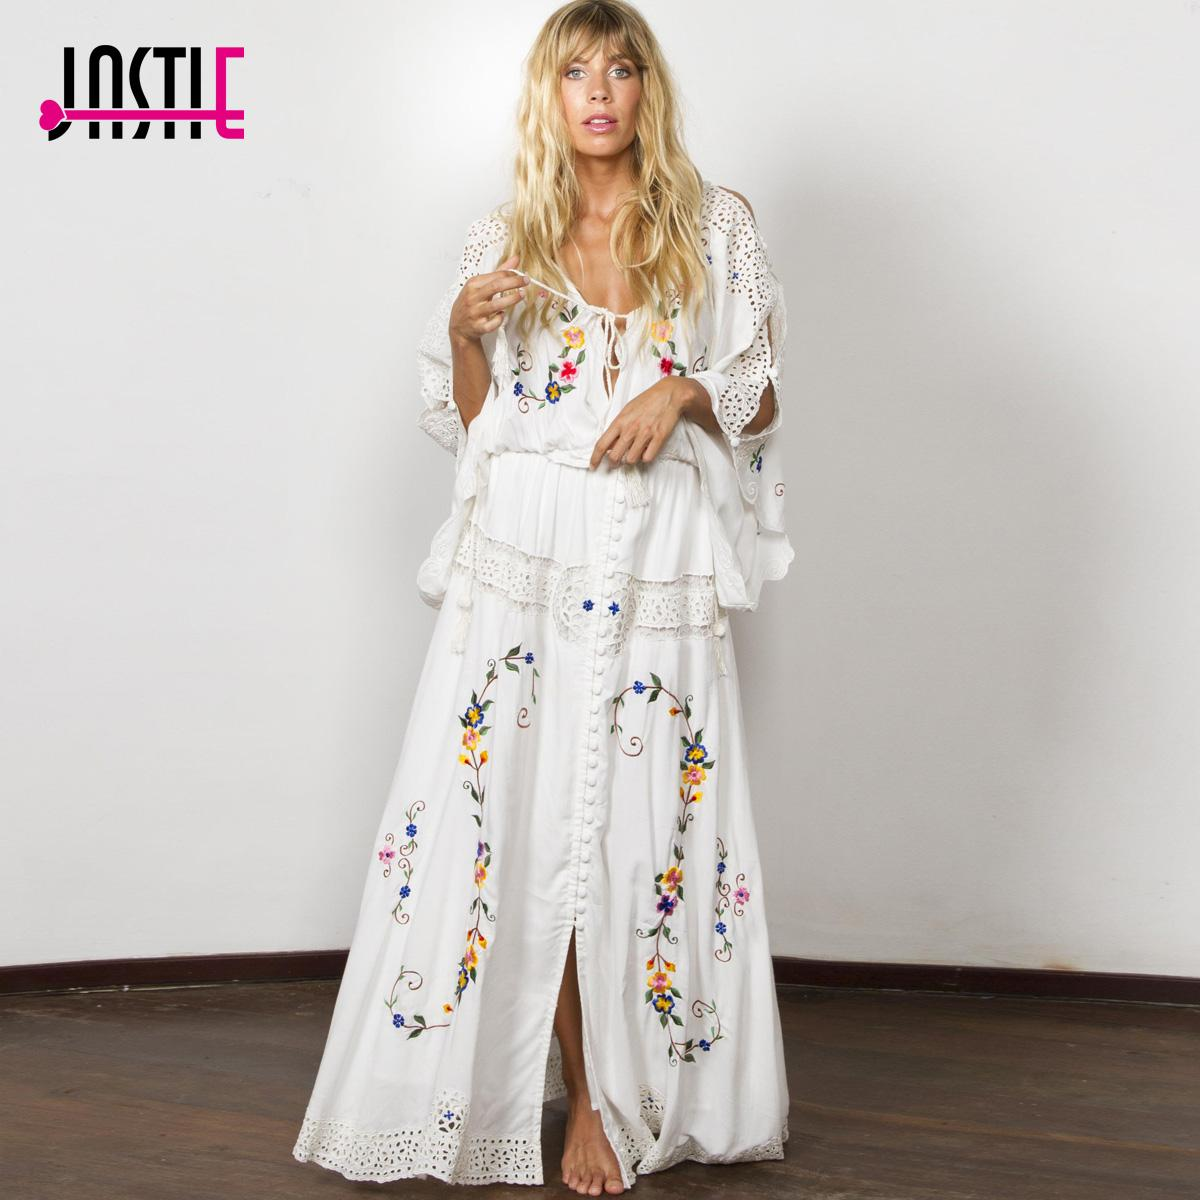 quality design 34da4 fc0b1 Jastie Blume Multi Stickerei Frauen Kleid stil Elegantes Weißes Kleid  Beiläufiges Loses Kleid Maxi Kleider Weibliche Vestidos